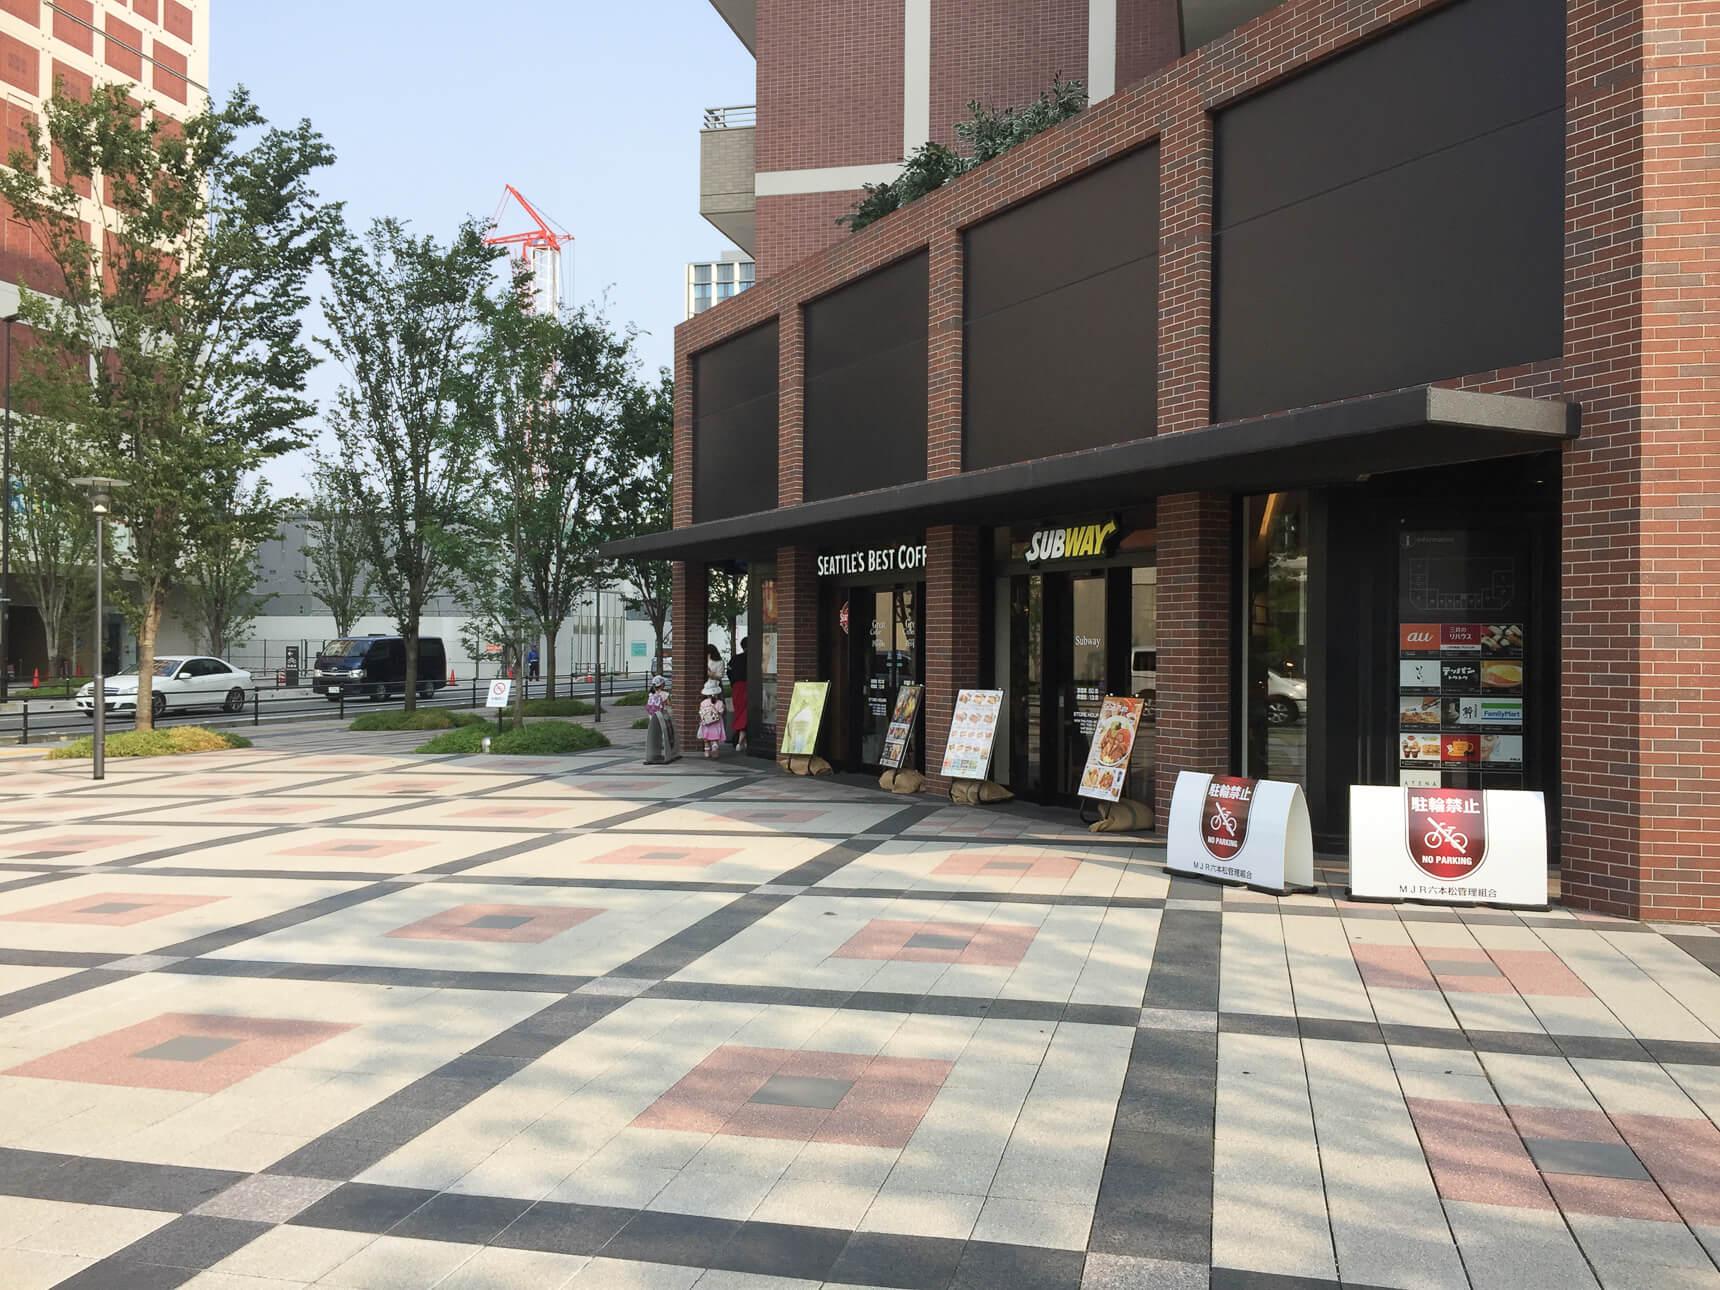 地下鉄から地上に上がるときれいに整備された街路が。新しいマンションや商業施設が開発真っ最中です。